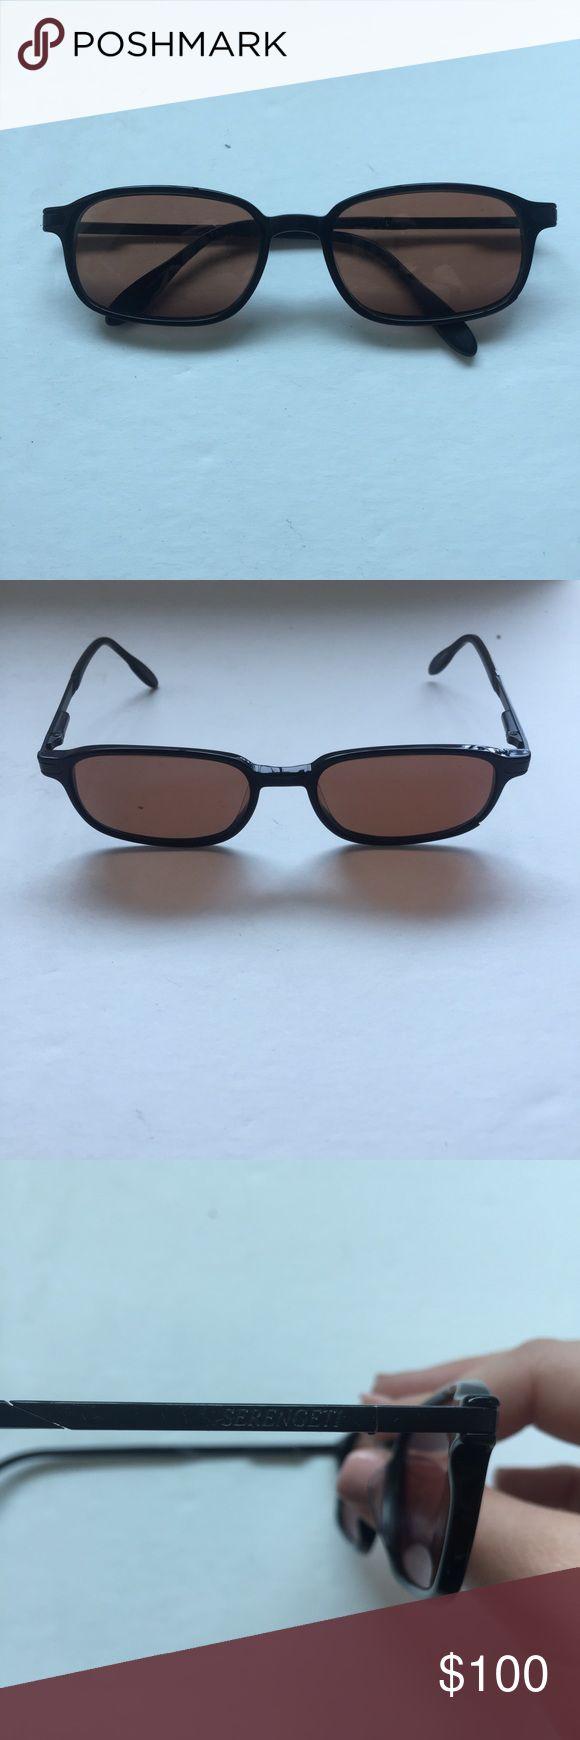 Serengeti sunglasses Perfect for all year round Serengeti Accessories Sunglasses